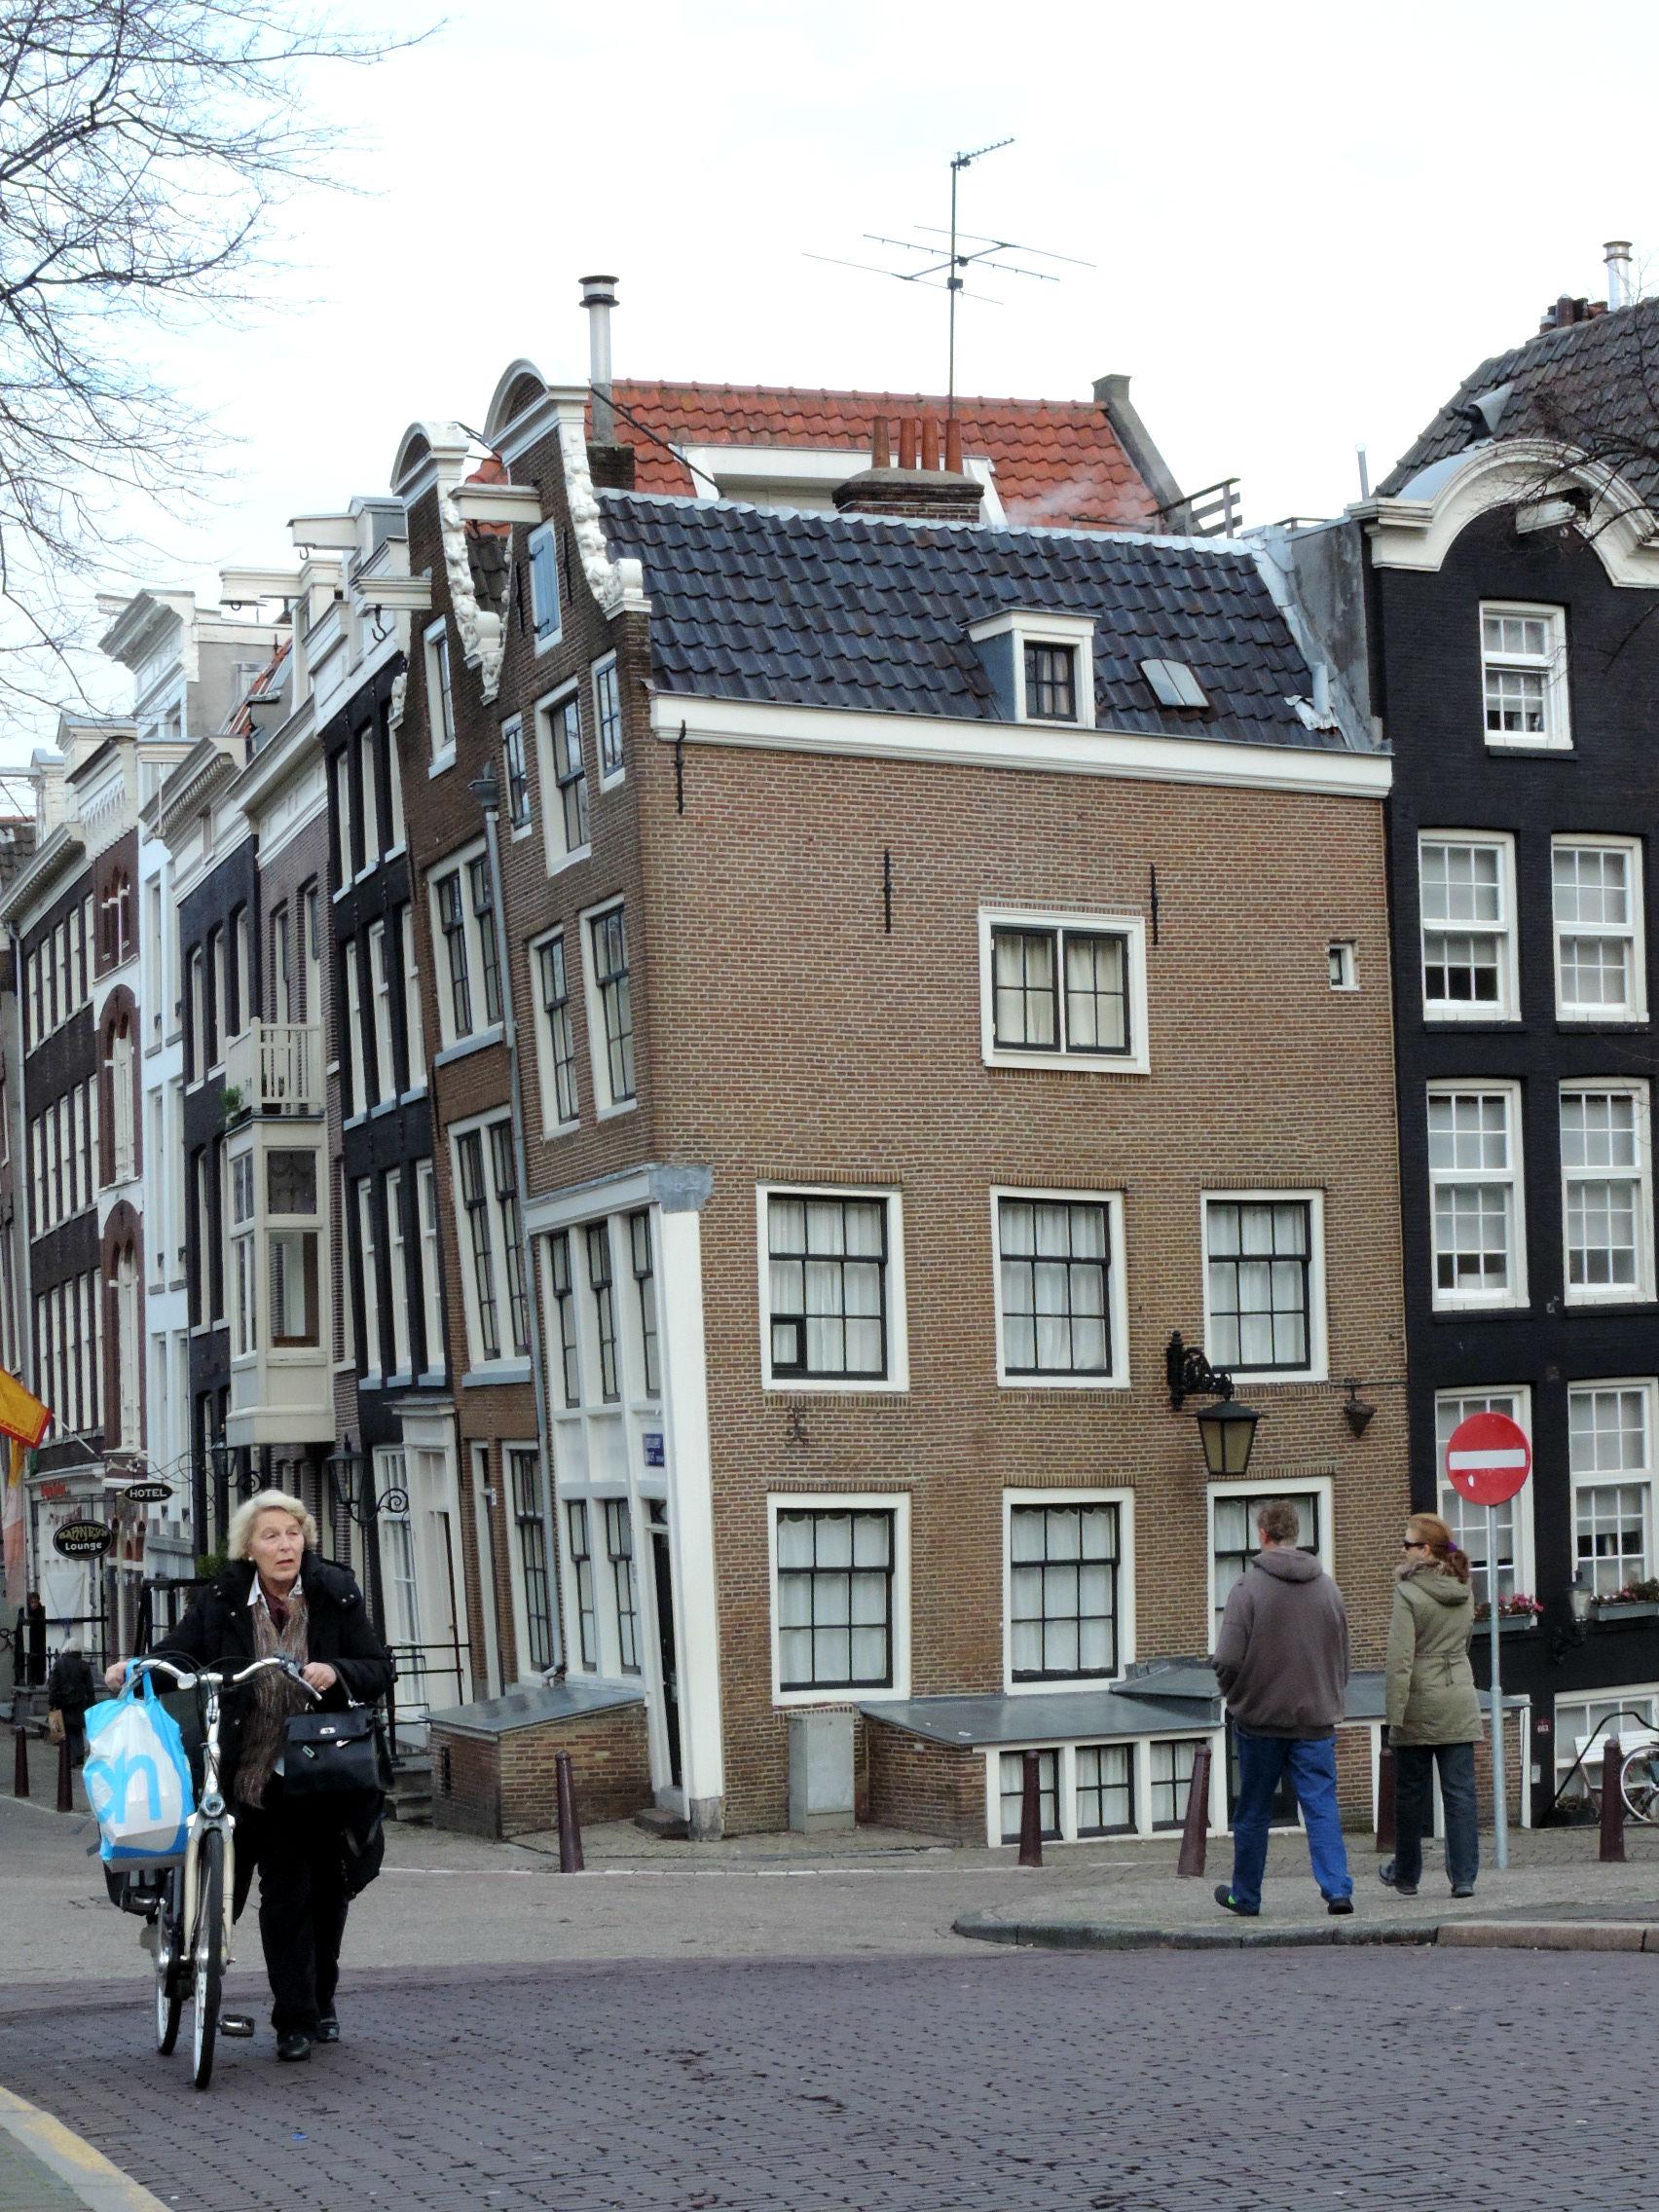 Amsterdam tra canali storia e biciclette impazzite the for Case amsterdam economiche